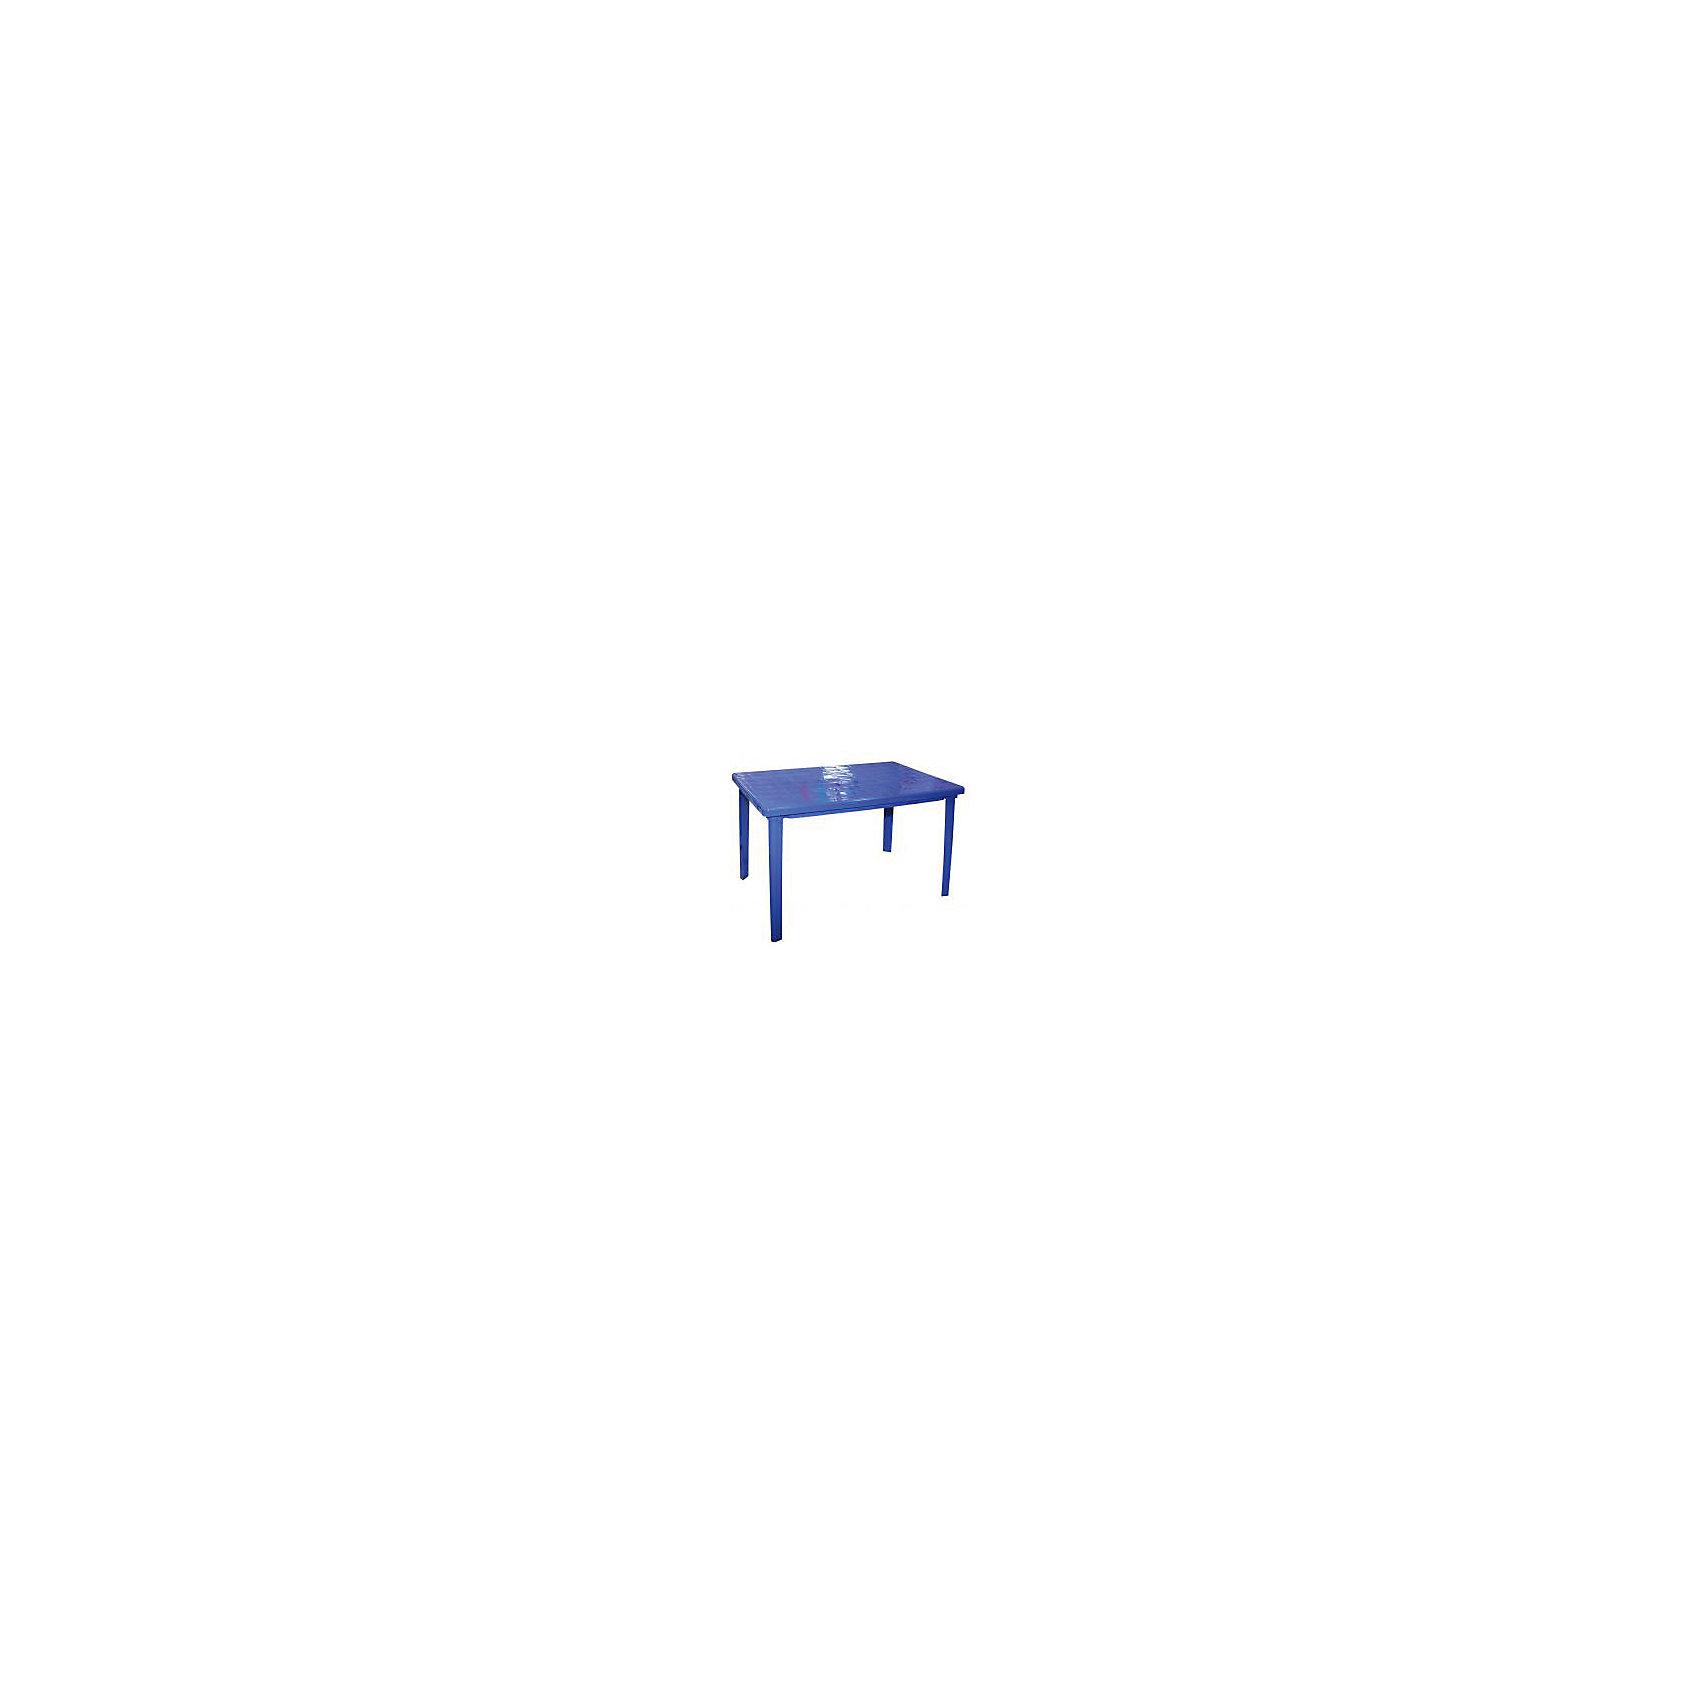 Стол прямоугольный 1200х850х750, Alternativa, синийМебель<br>Стол прямоугольный 1200х850х750, Alternativa (Альтернатива), синий<br><br>Характеристики:<br><br>• лаконичный дизайн<br>• устойчивые ножки<br>• цвет: синий<br>• размер: 120х85х75 см<br>• форма: прямоугольный<br>• вес: 6,344 кг<br><br>Прямоугольный стол от российского производителя Альтернатива подходит и для дома, и для загородного отдыха. Его ножки обеспечивают хорошую устойчивость на любой поверхности. Стол изготовлен из качественного прочного пластика. При необходимости вы с легкостью очистите стол от загрязнений. Простой дизайн стола хорошо подходит к любому интерьеру.<br><br>Стол прямоугольный 1200х850х750, Alternativa (Альтернатива), синий вы можете купить в нашем интернет-магазине.<br><br>Ширина мм: 1200<br>Глубина мм: 850<br>Высота мм: 750<br>Вес г: 6344<br>Возраст от месяцев: 216<br>Возраст до месяцев: 1188<br>Пол: Унисекс<br>Возраст: Детский<br>SKU: 5475680